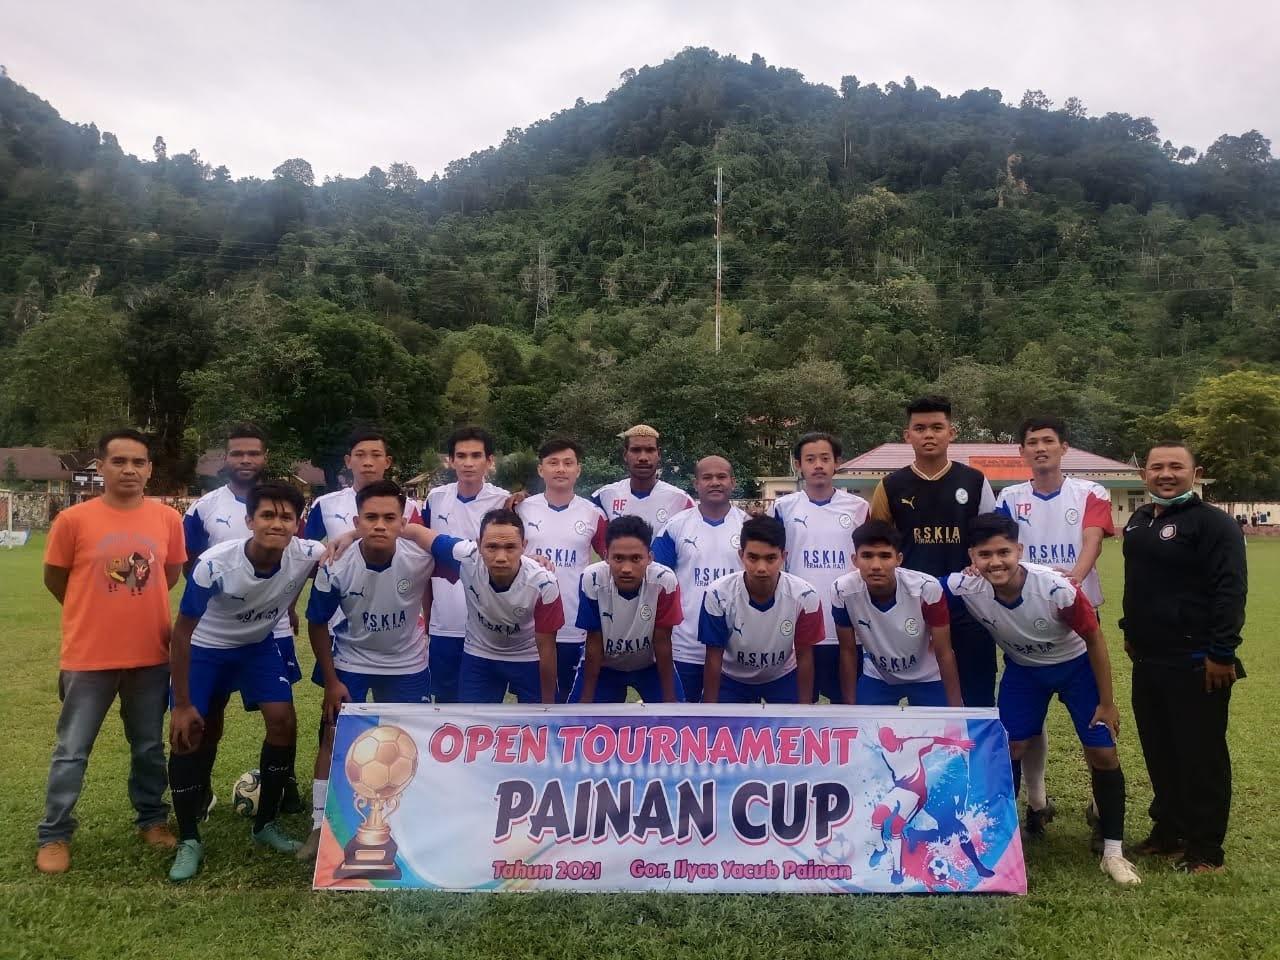 Open Tournamen Sepak Bola Painan Cup 2021, Dihentikan Sementara